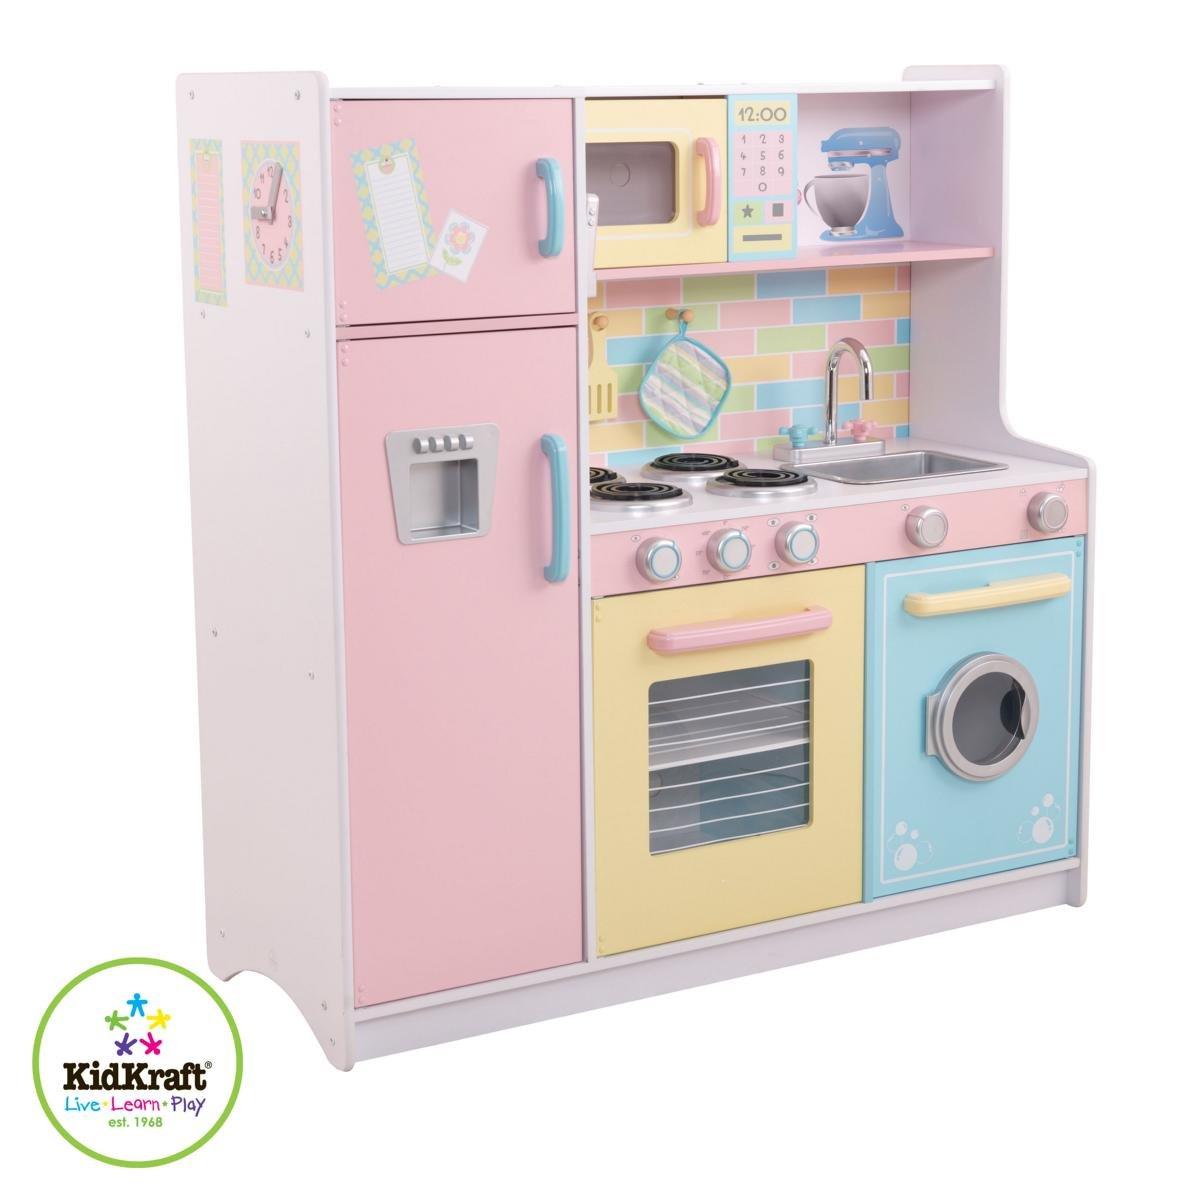 KidKraft Kitchen Playsets